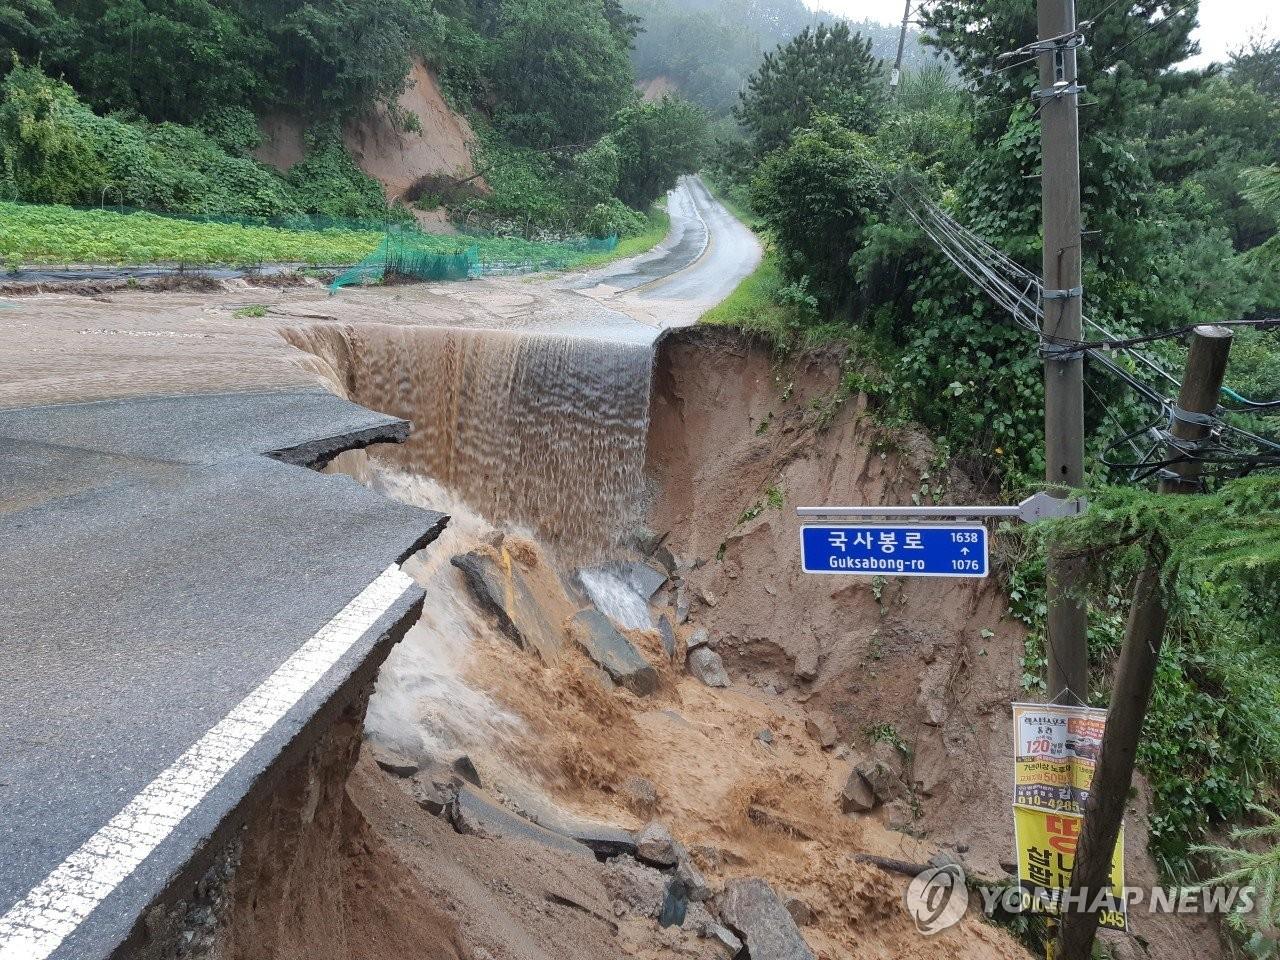 资料图片:8月2日,忠清北道堤川市的某处路面塌陷。 韩联社